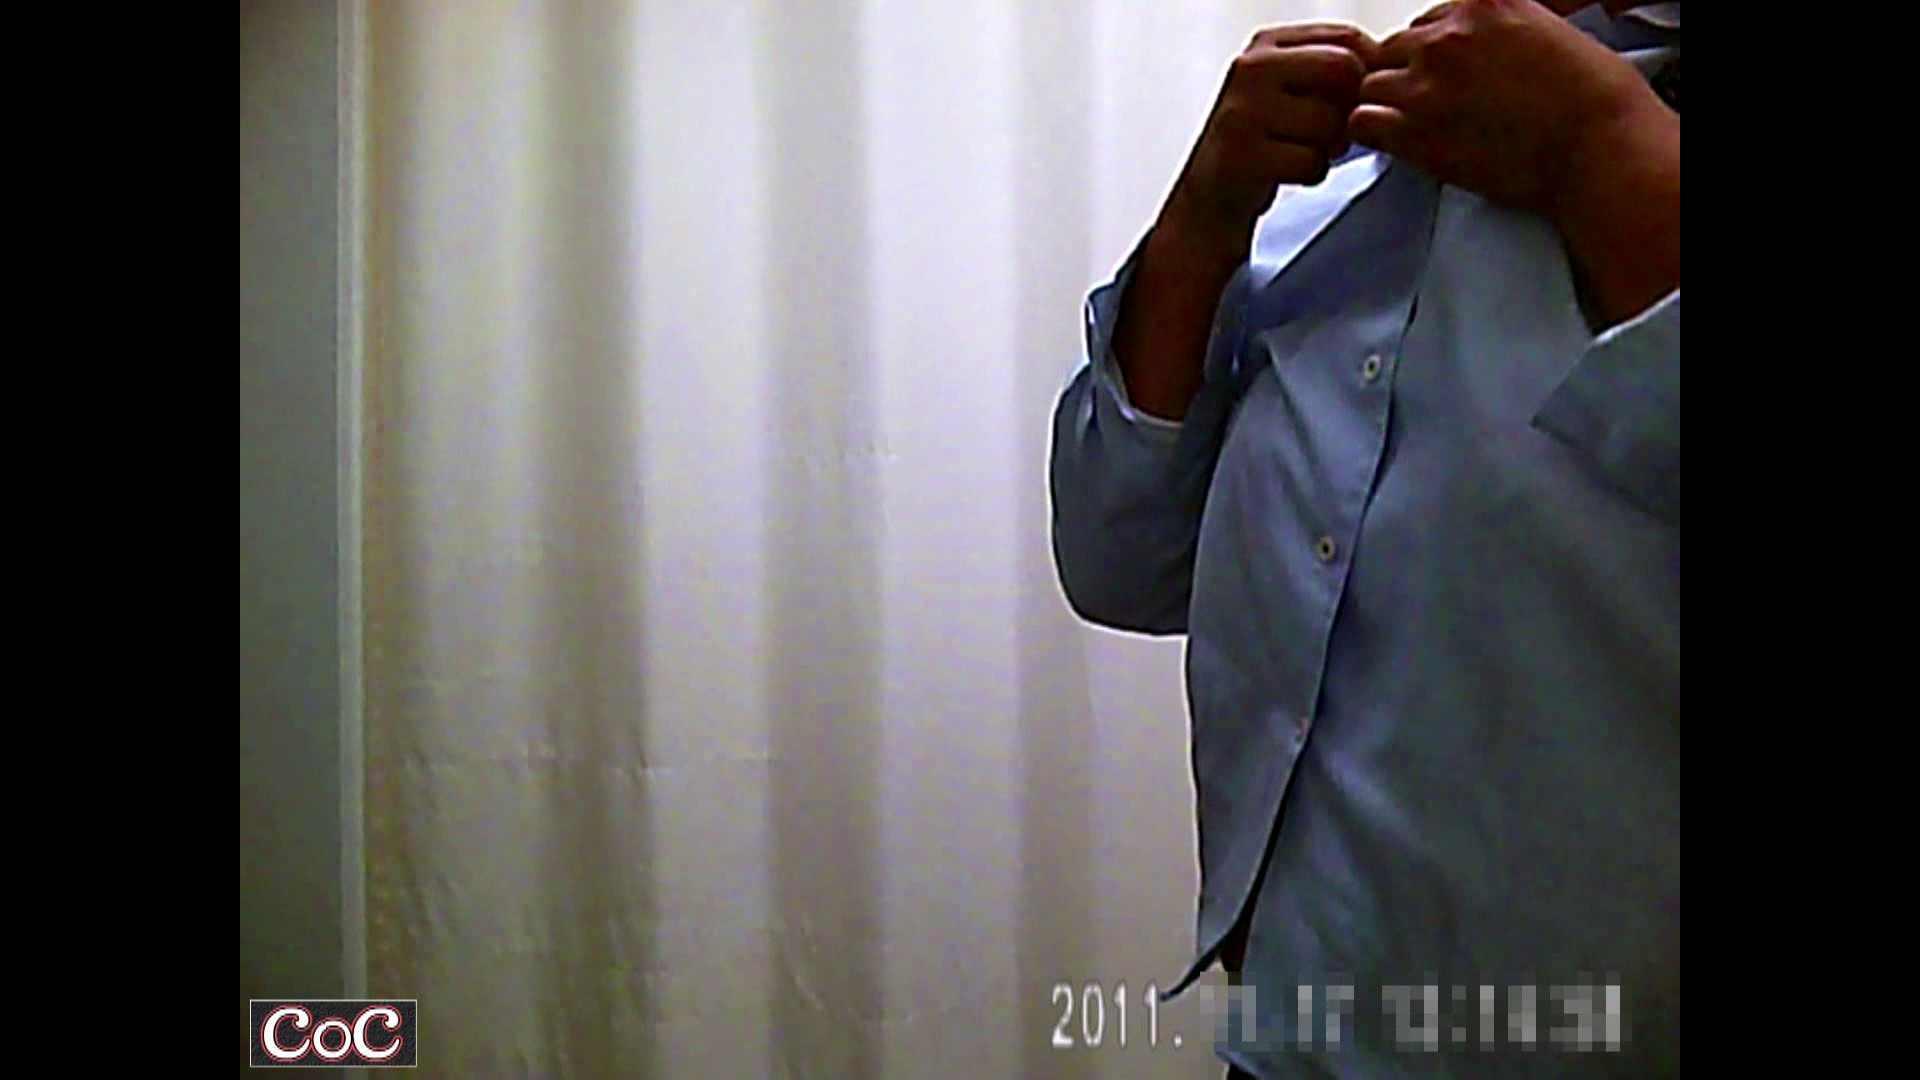 元医者による反抗 更衣室地獄絵巻 vol.200 OL  91pic 31